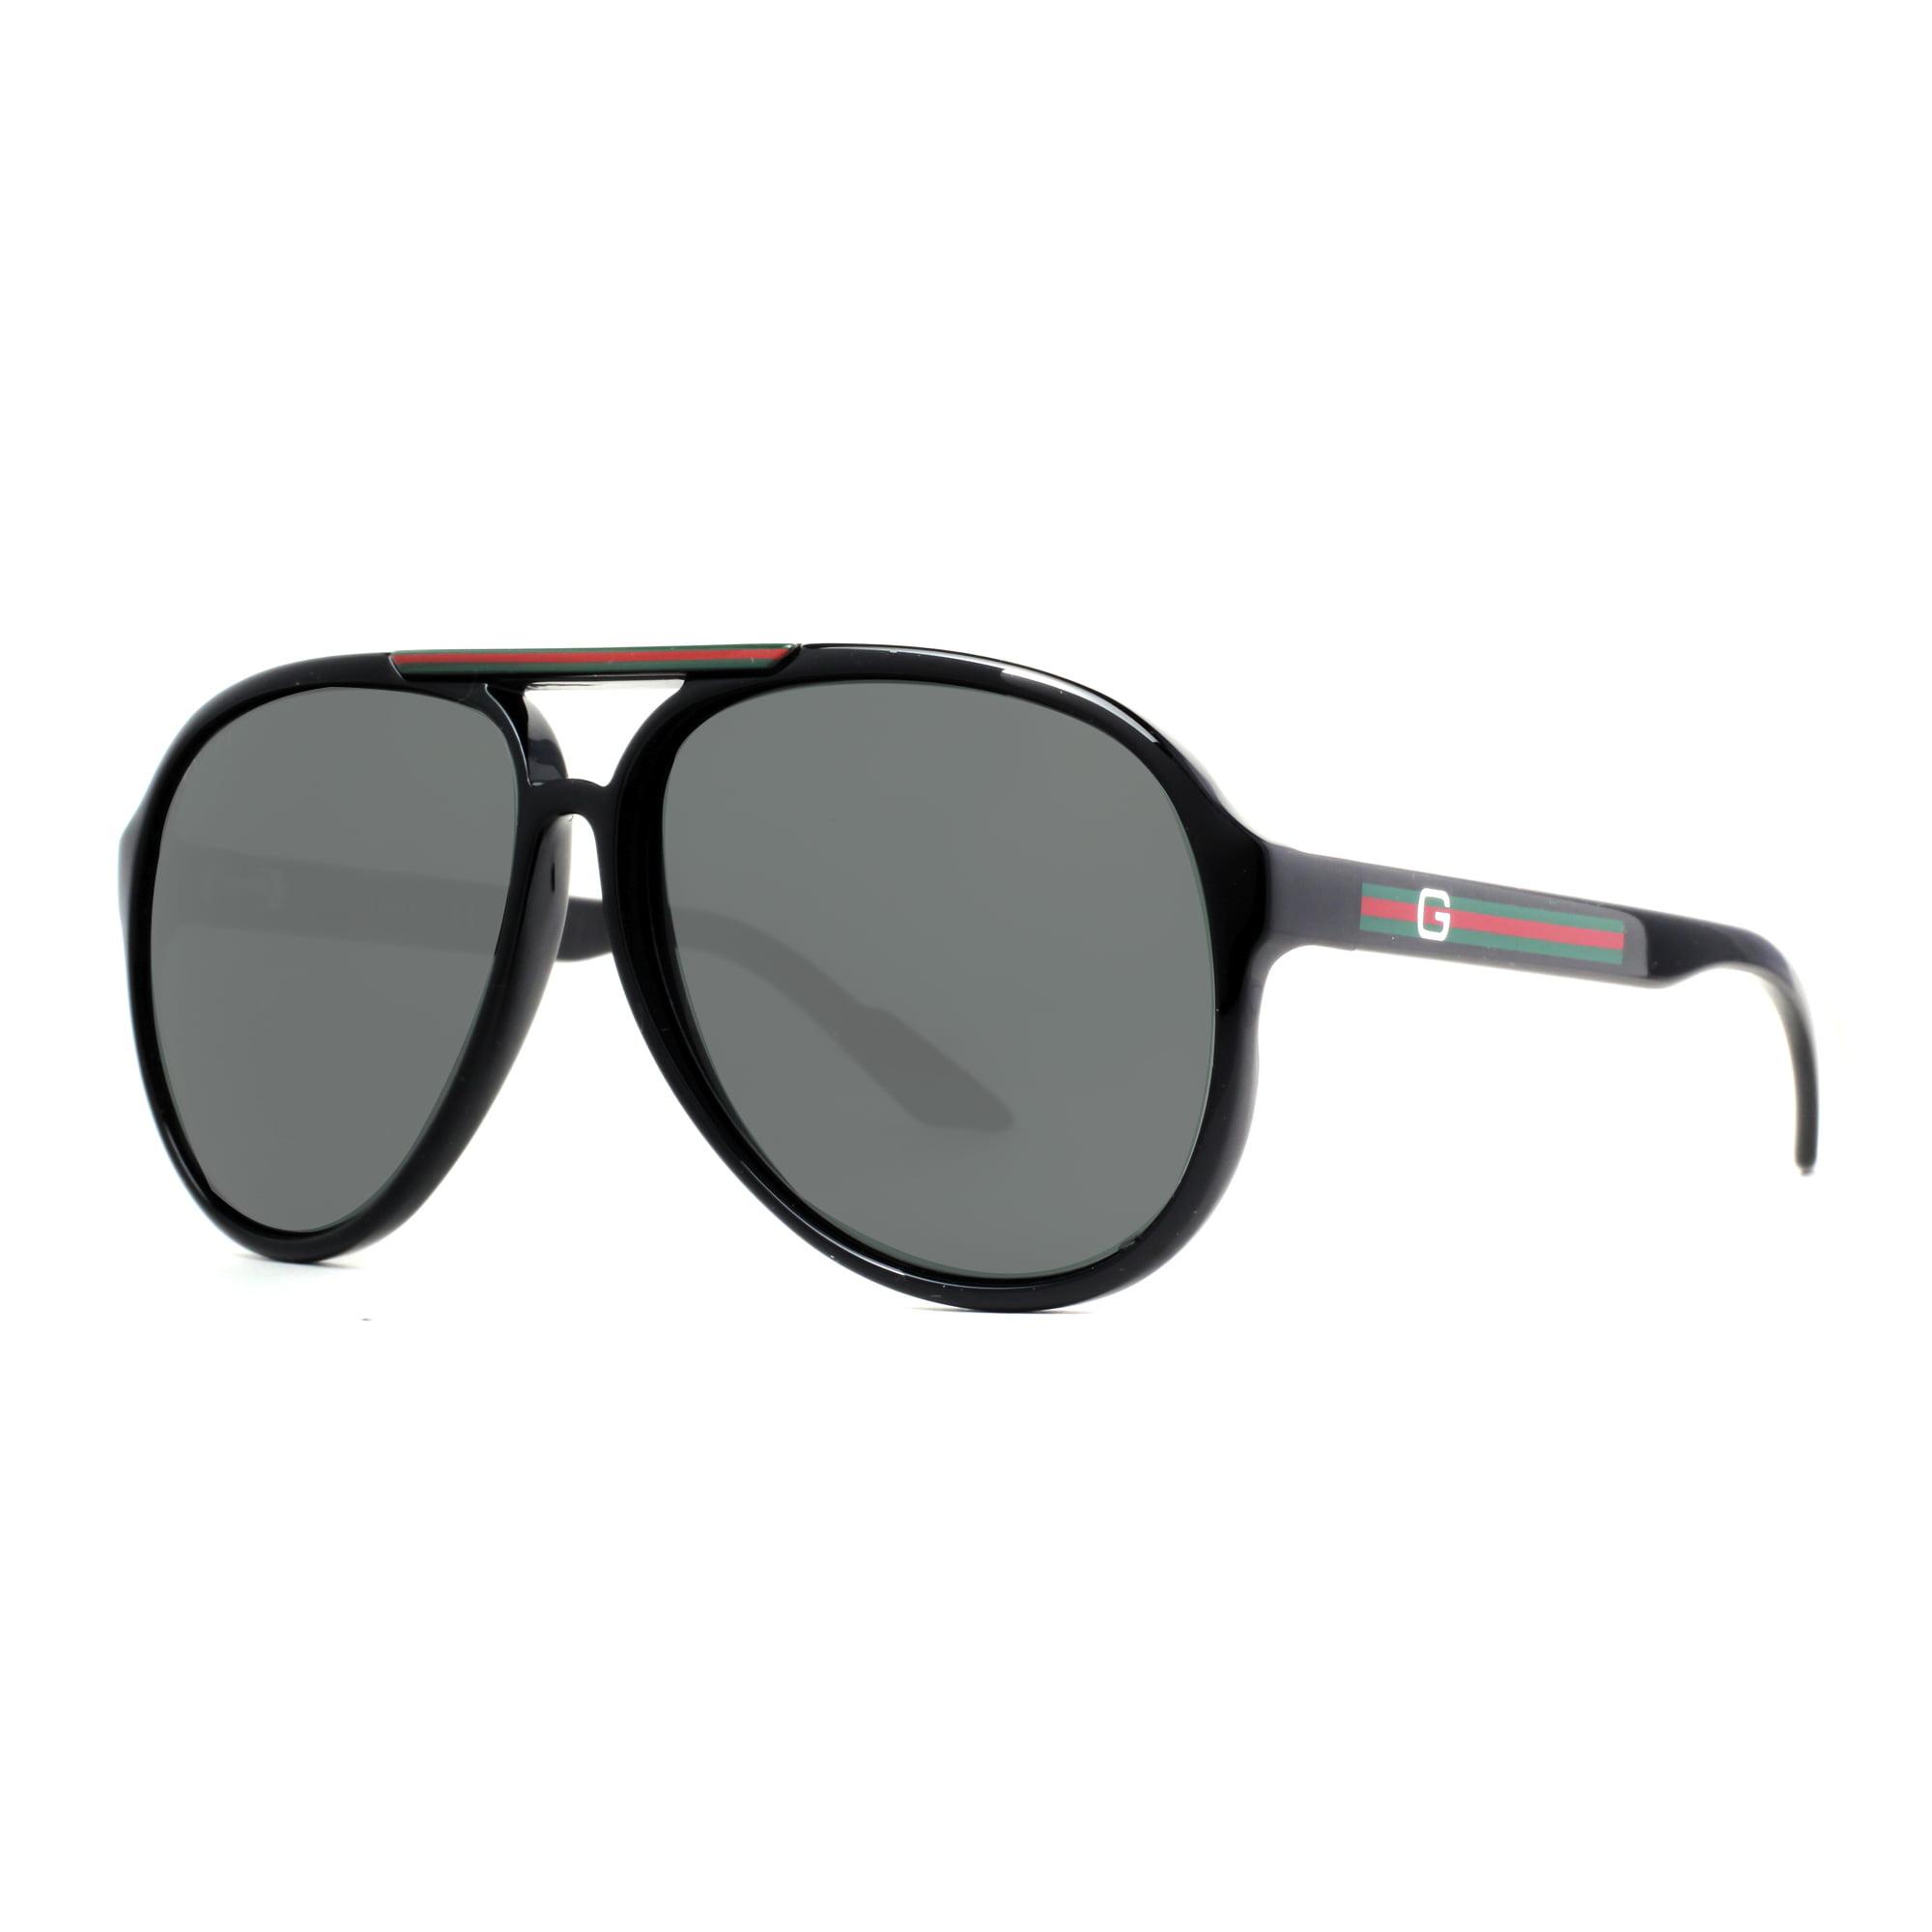 Men's Gucci 1627 Sunglasses advise